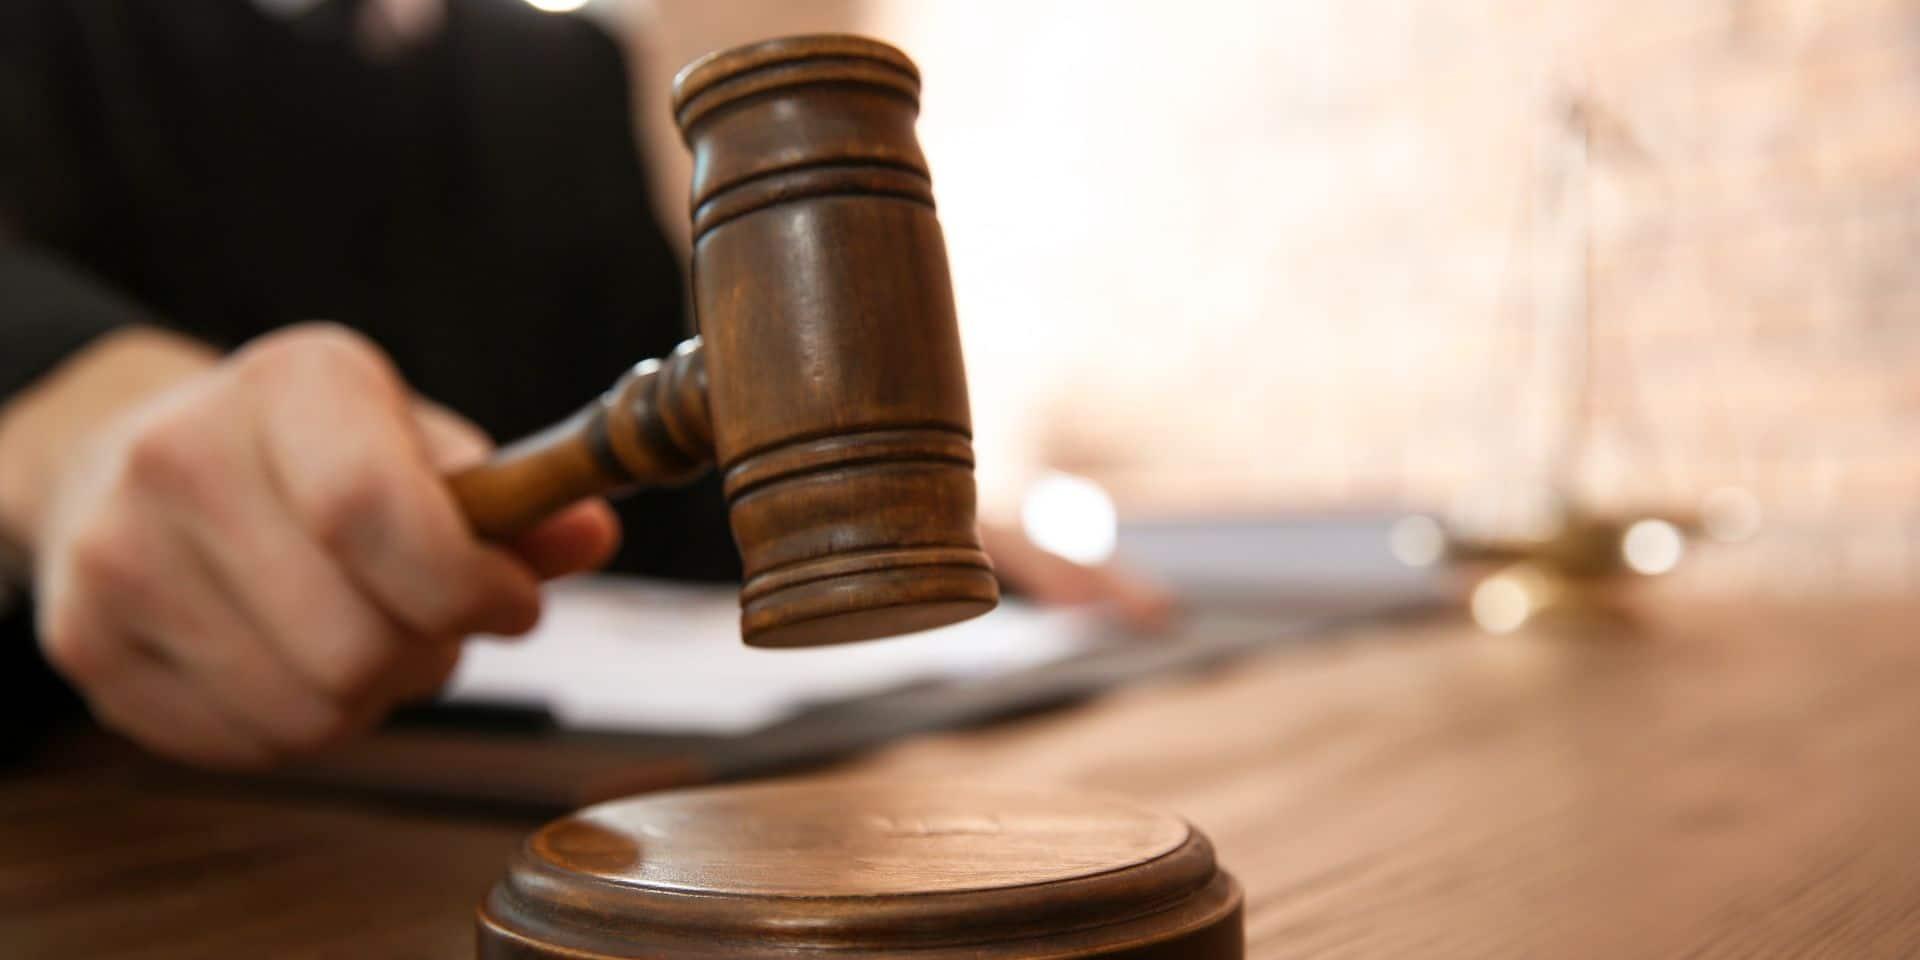 Bruxelles: verbalisé à 13 reprises pour ne pas avoir respecté les mesures de confinement, il est envoyé directement devant le tribunal